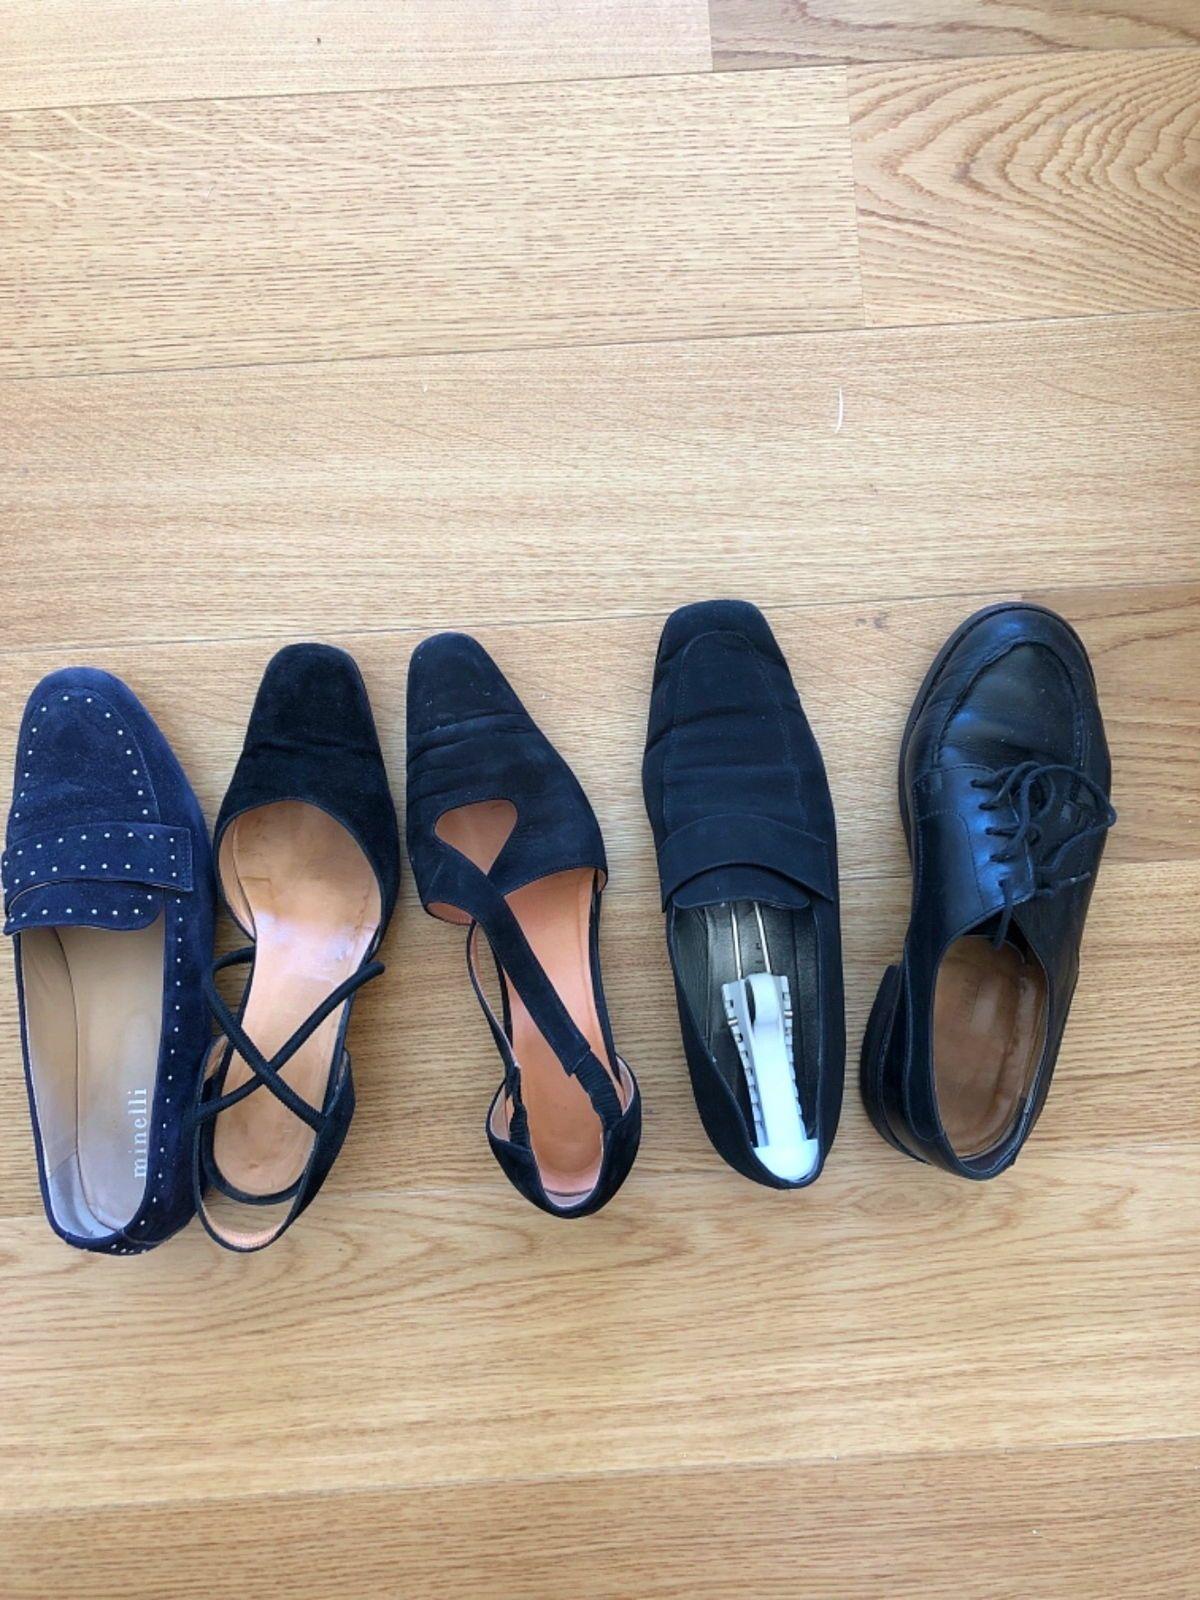 Nombreuses paires de chaussures noires